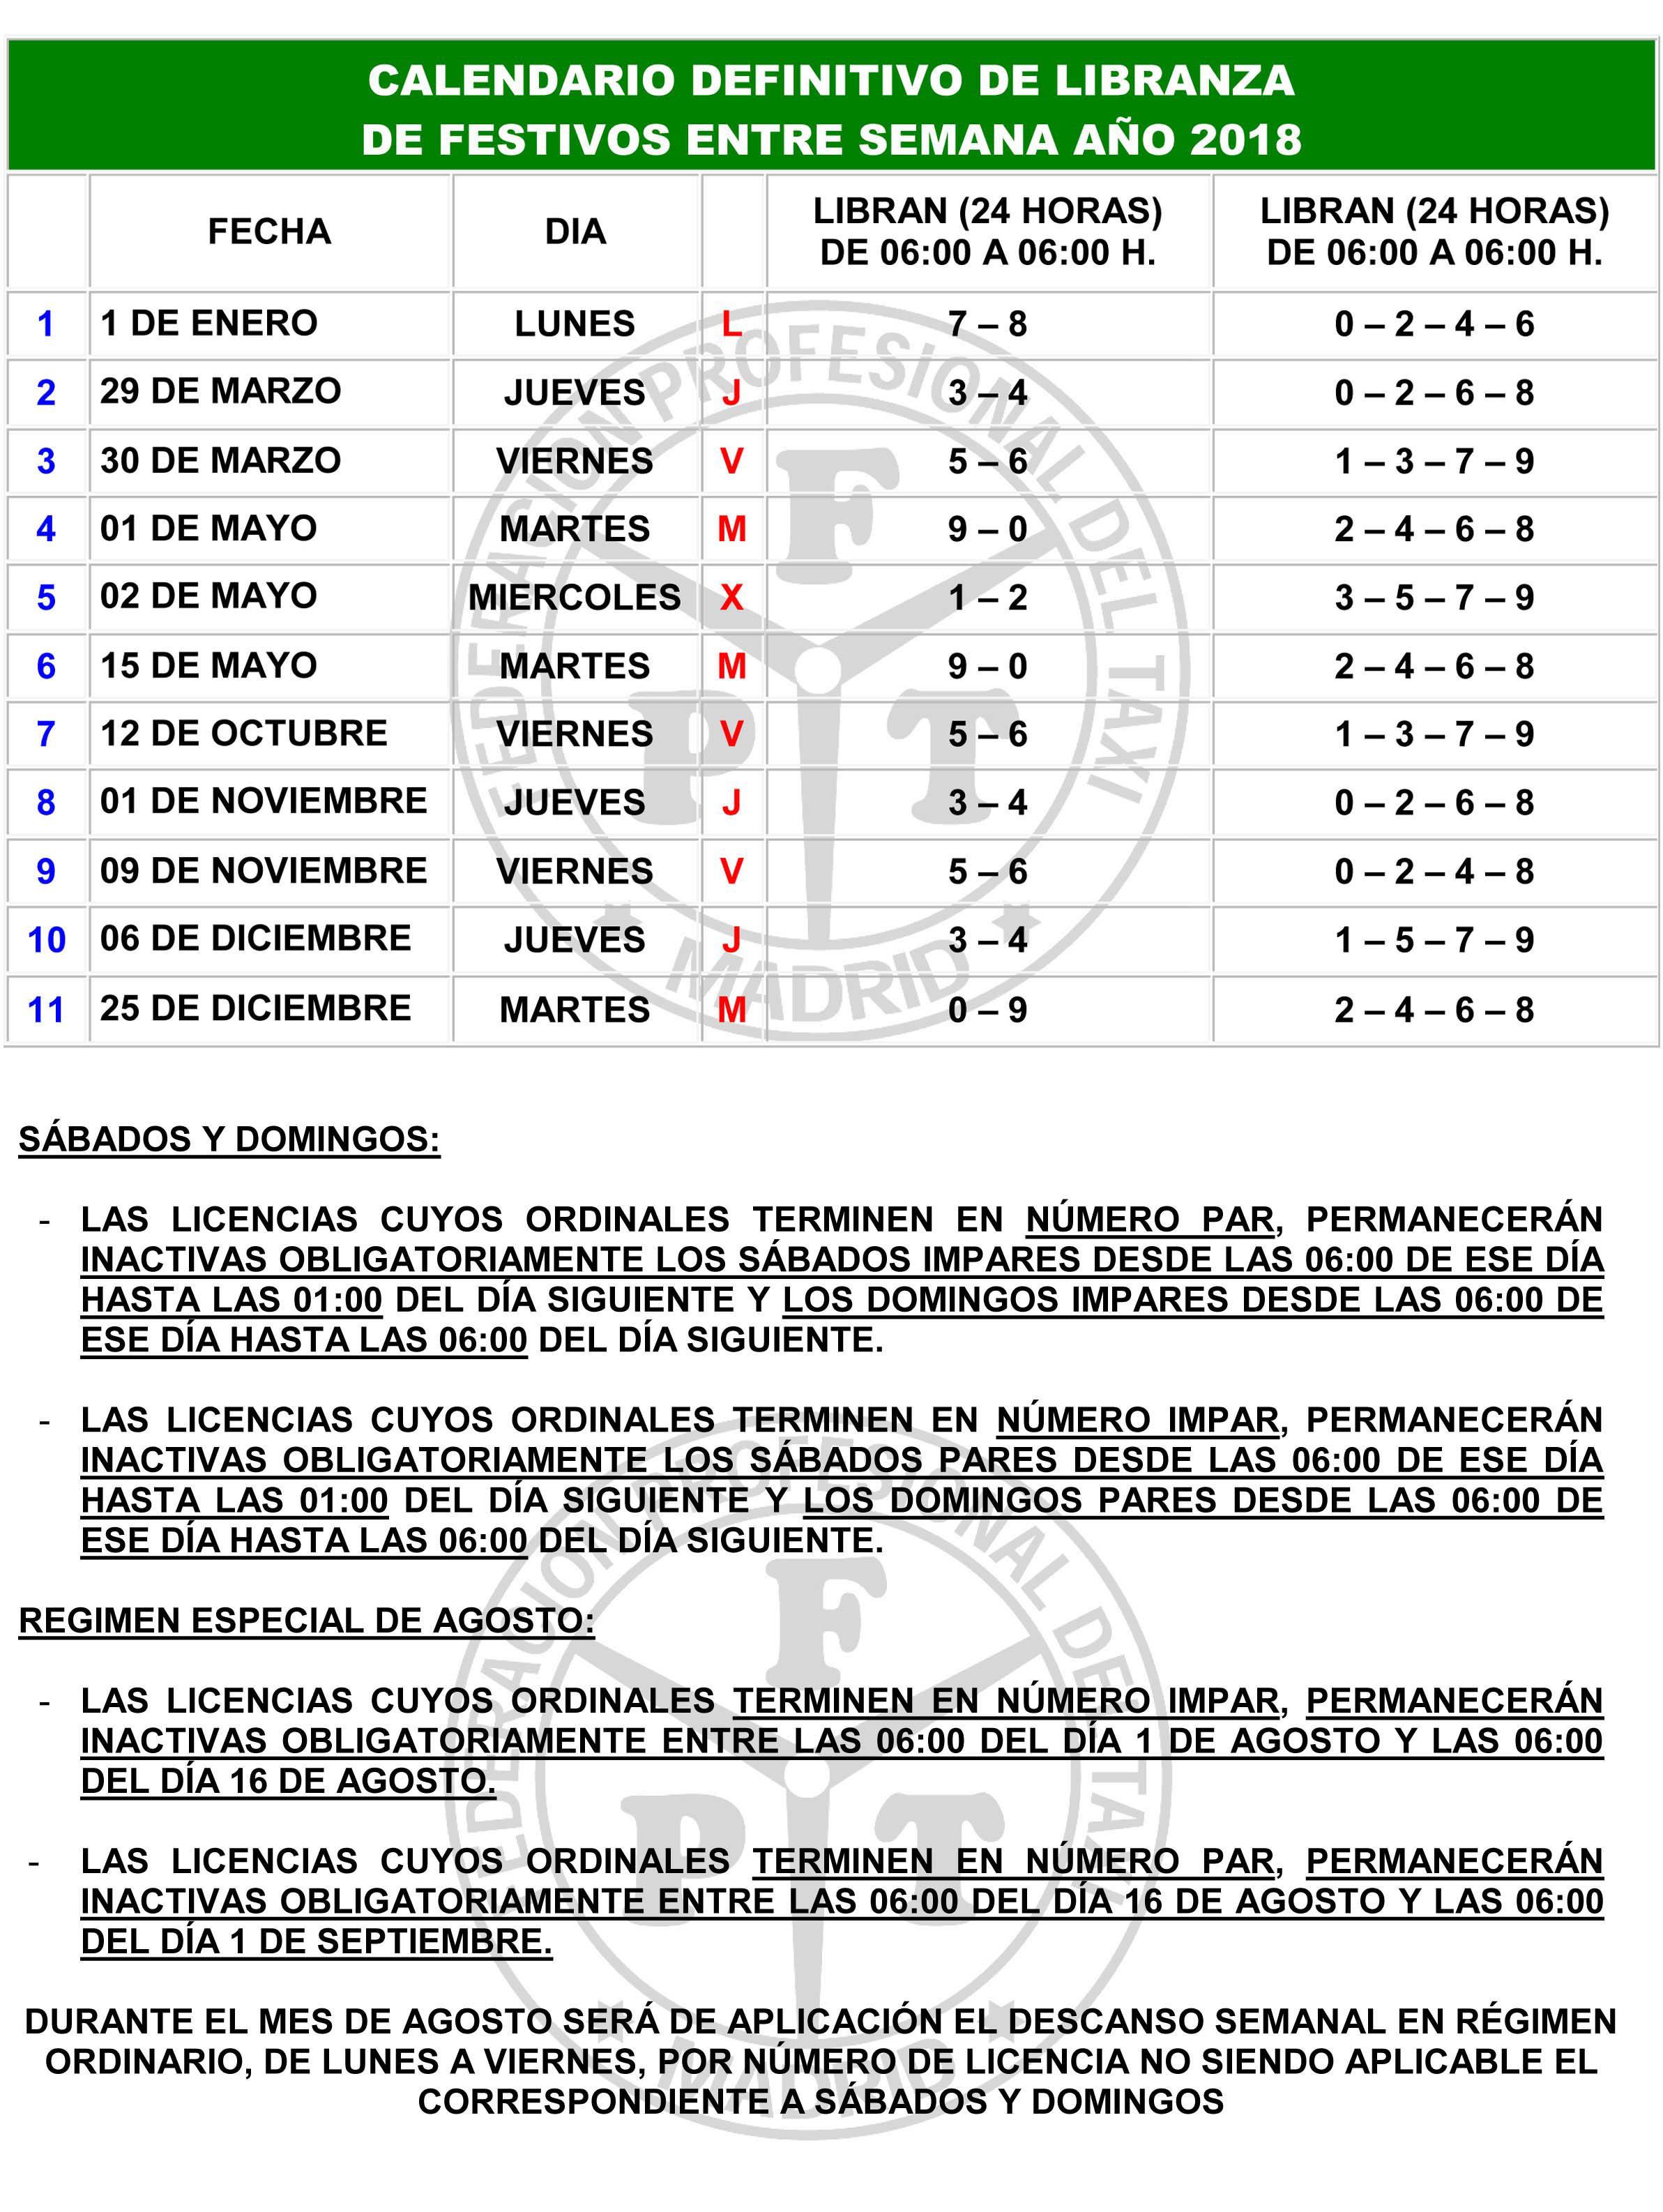 Calendario Del Madrid.Publicado El Calendario De Libranza 2018